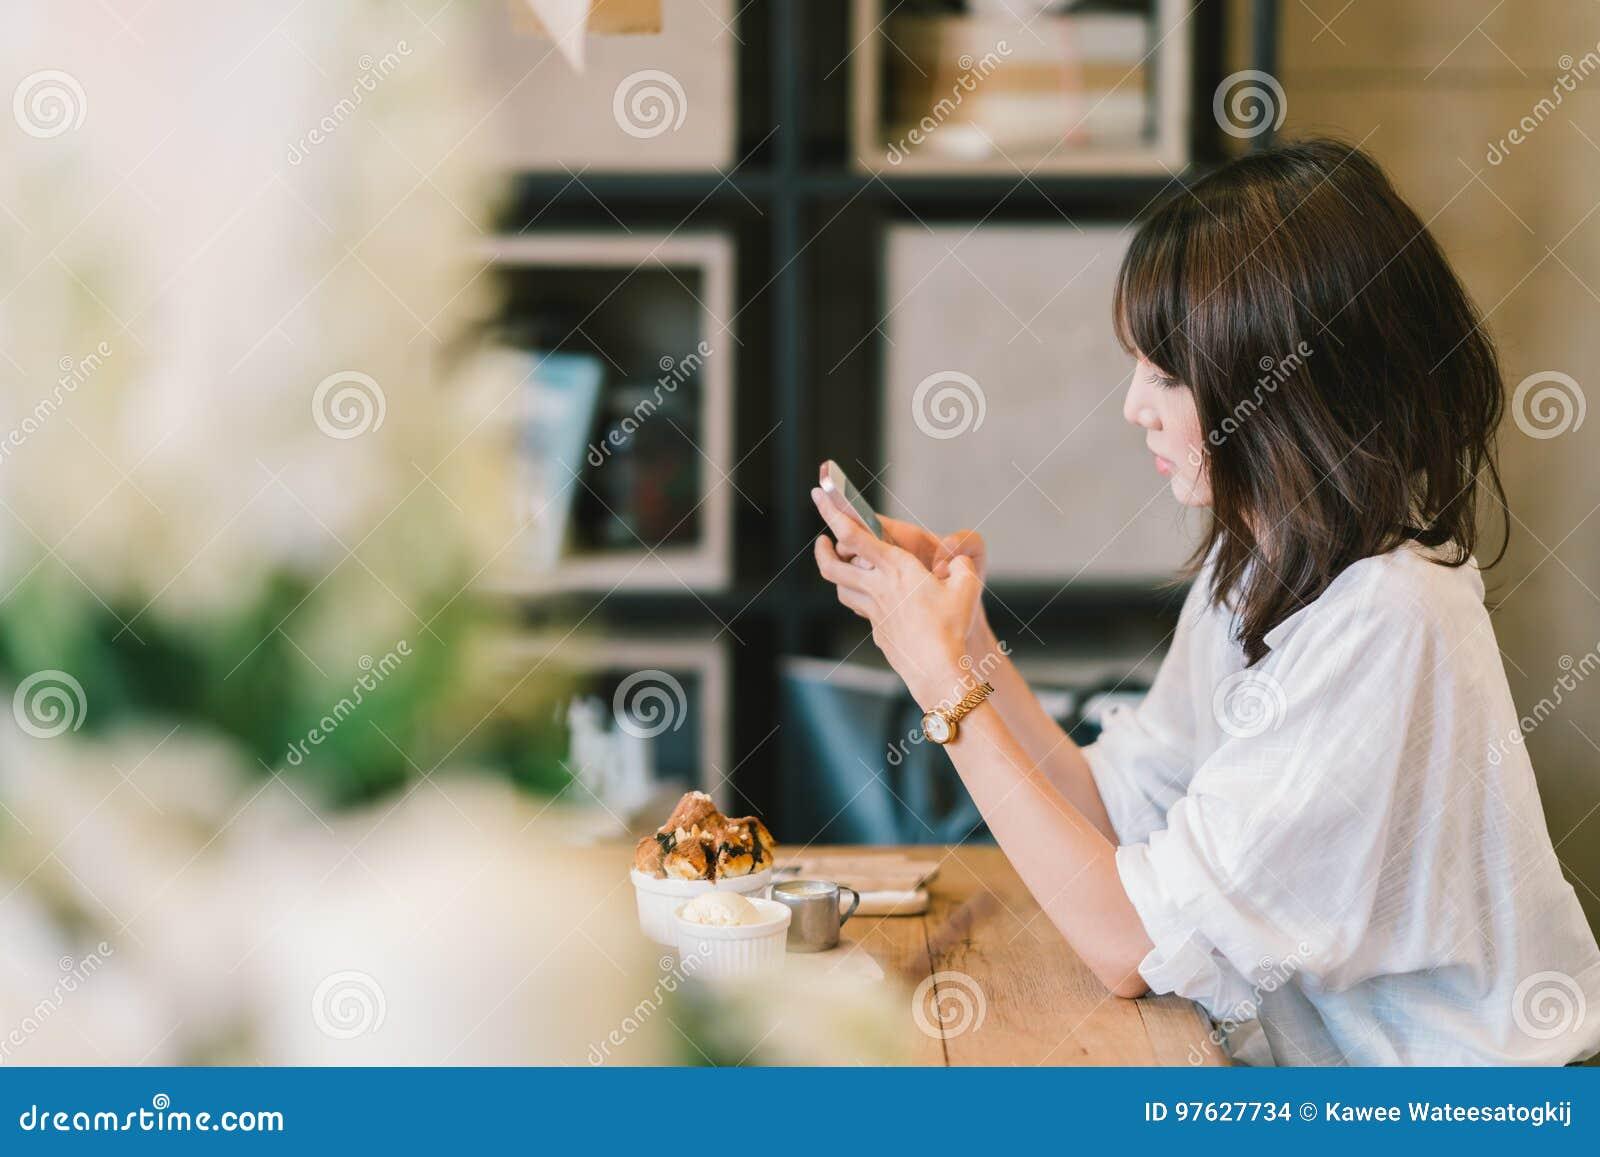 Mooi Aziatisch meisje die smartphone gebruiken bij koffie met chocoladetoost en roomijs Het dessert van de koffiewinkel en modern